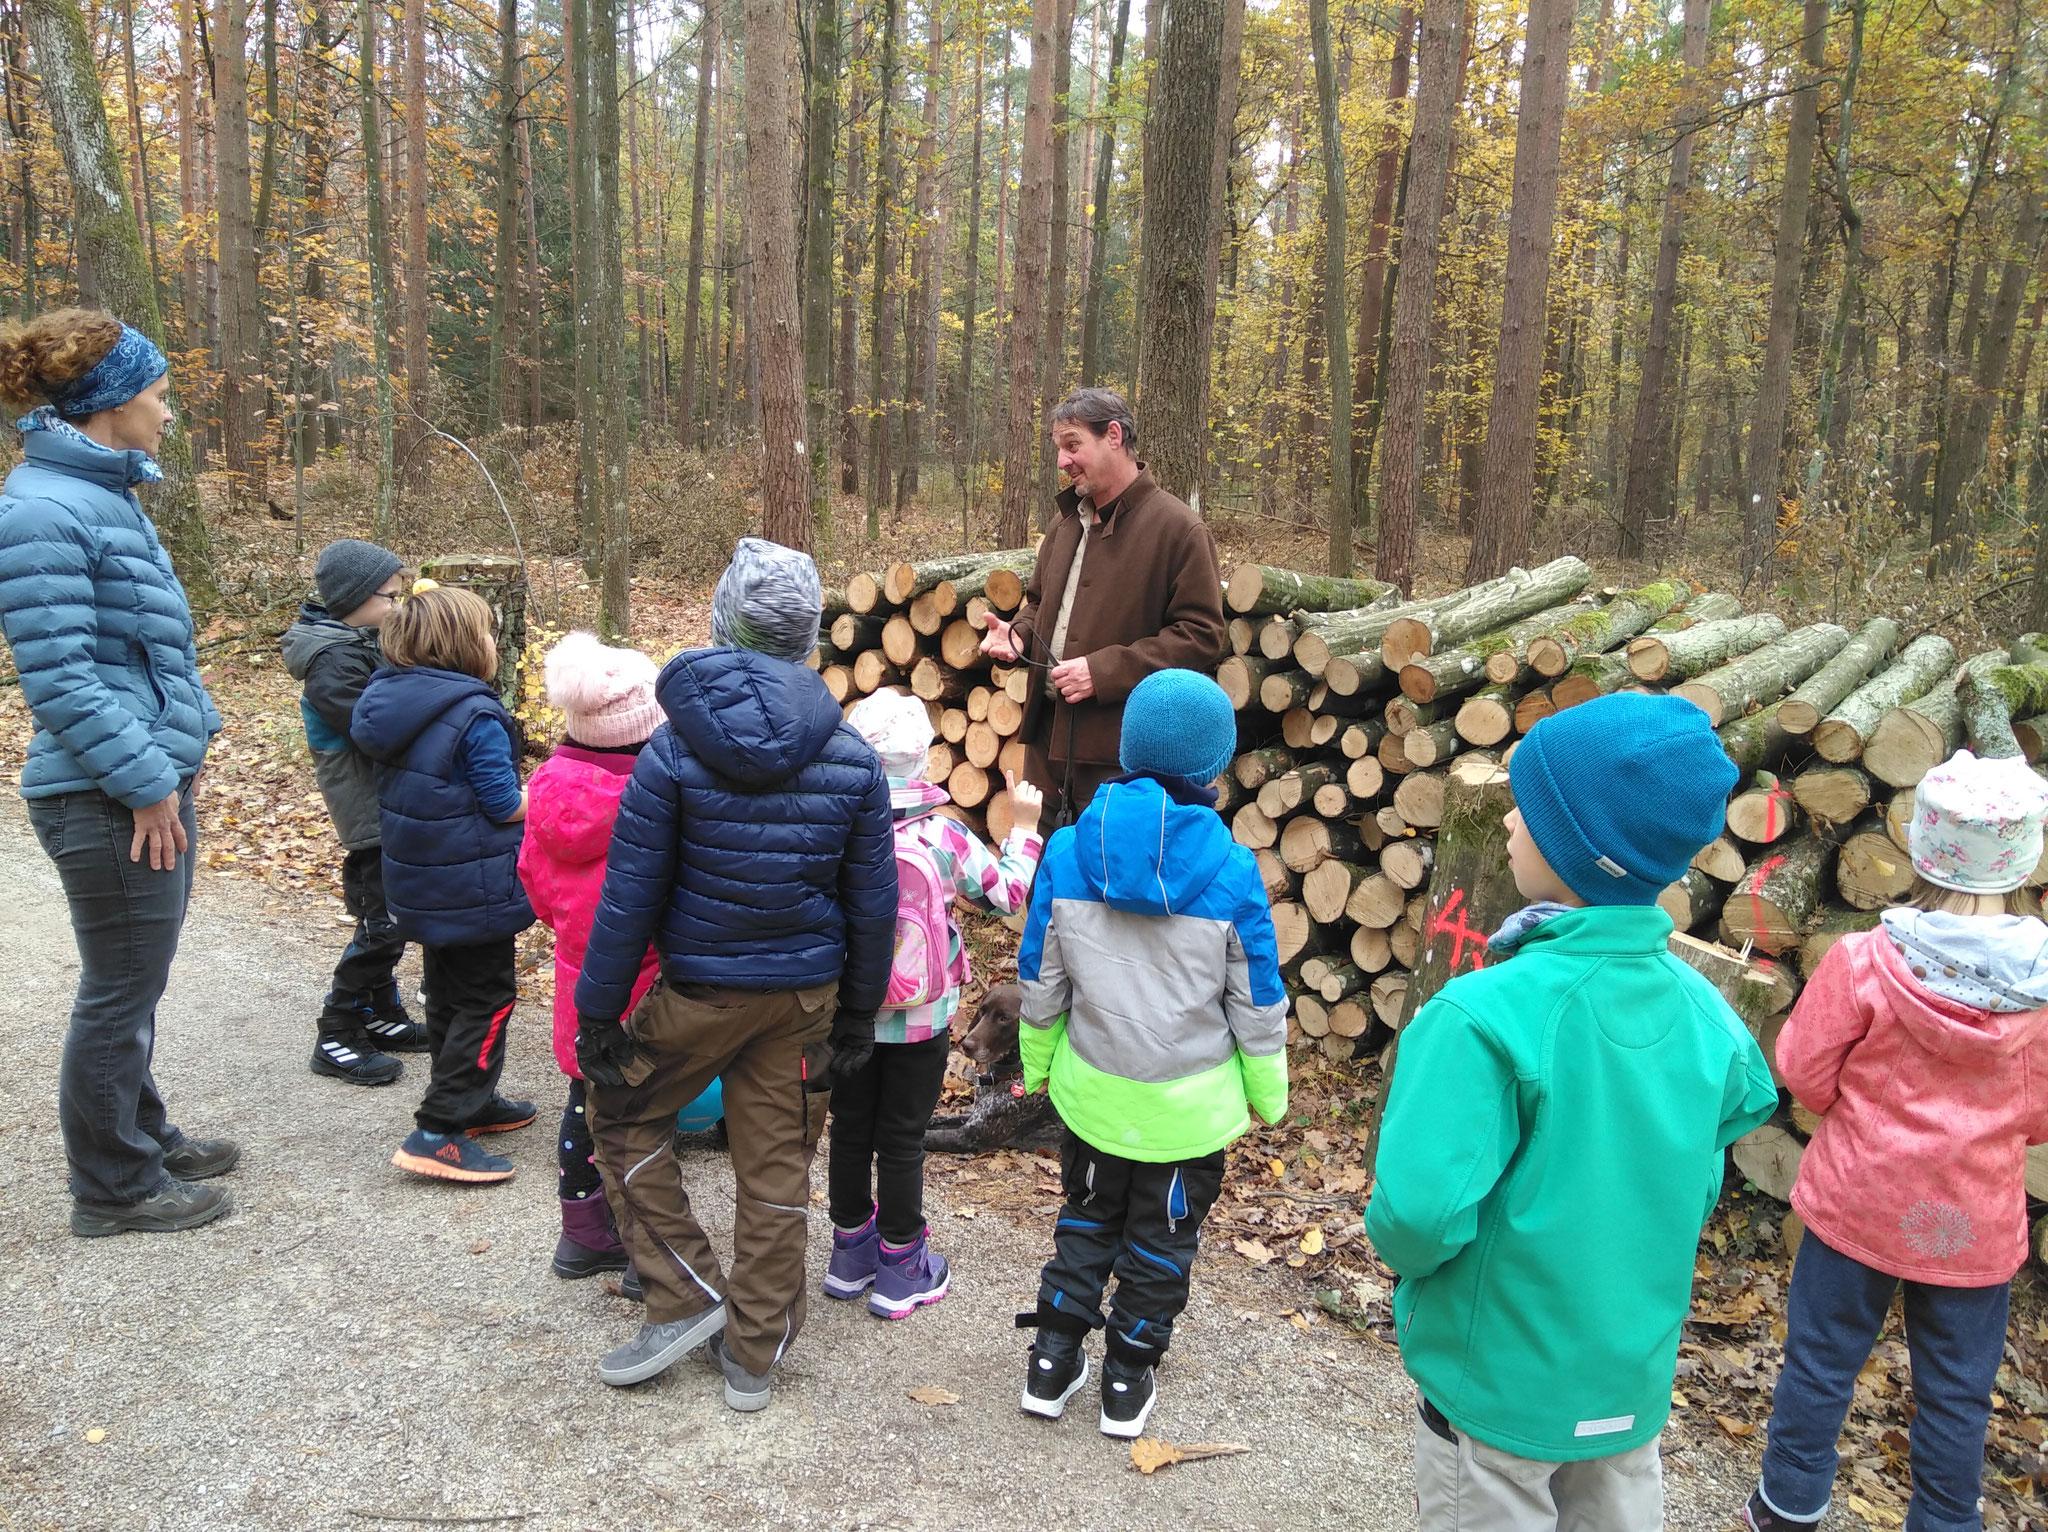 Hier erklärt uns der Förster, warum Waldwirtschaft betrieben wird